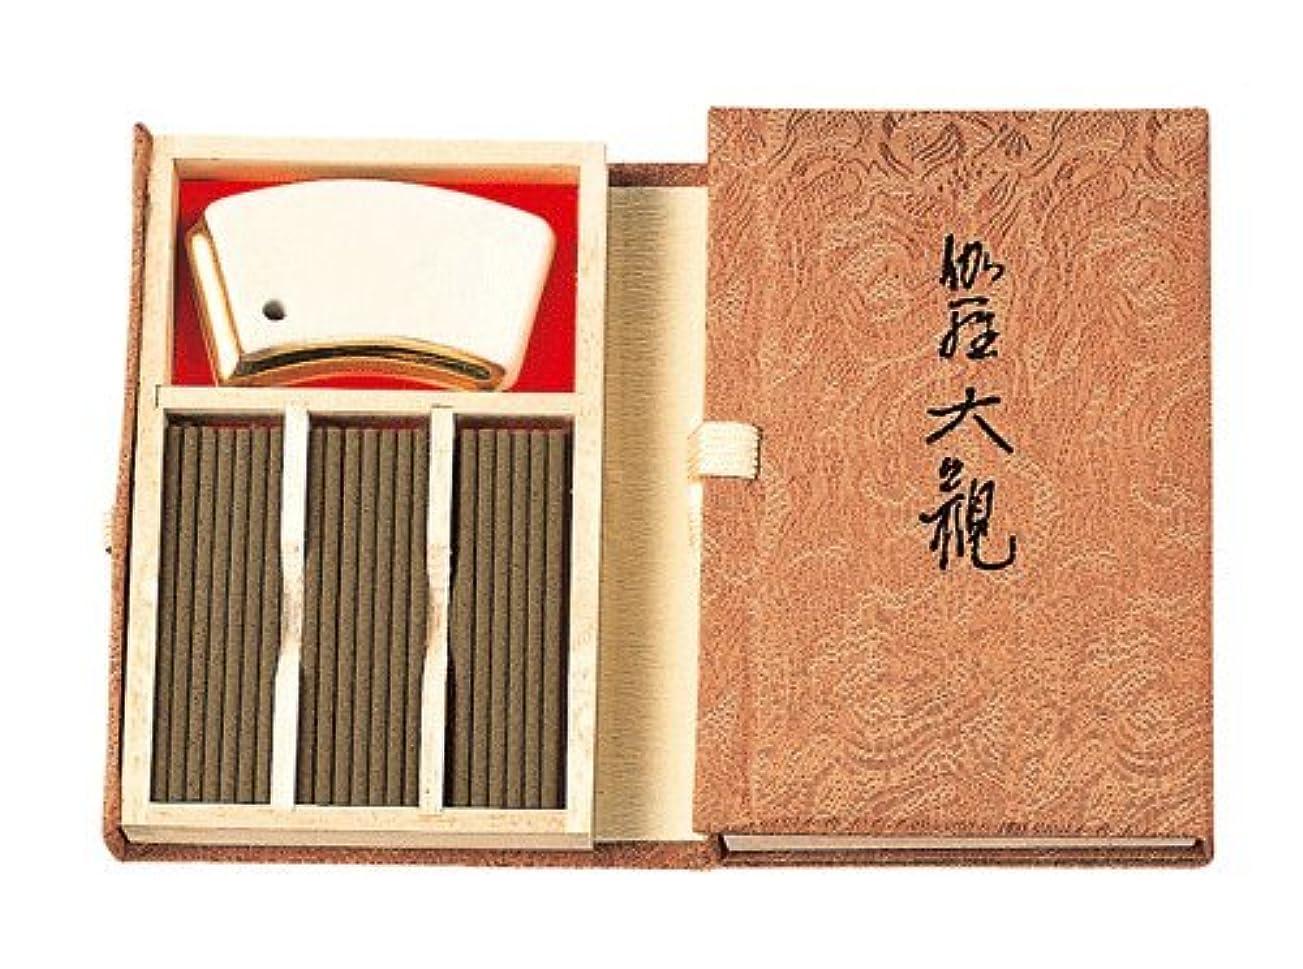 ボリュームスラム特別に香木の香りのお香 伽羅大観 スティック45本入